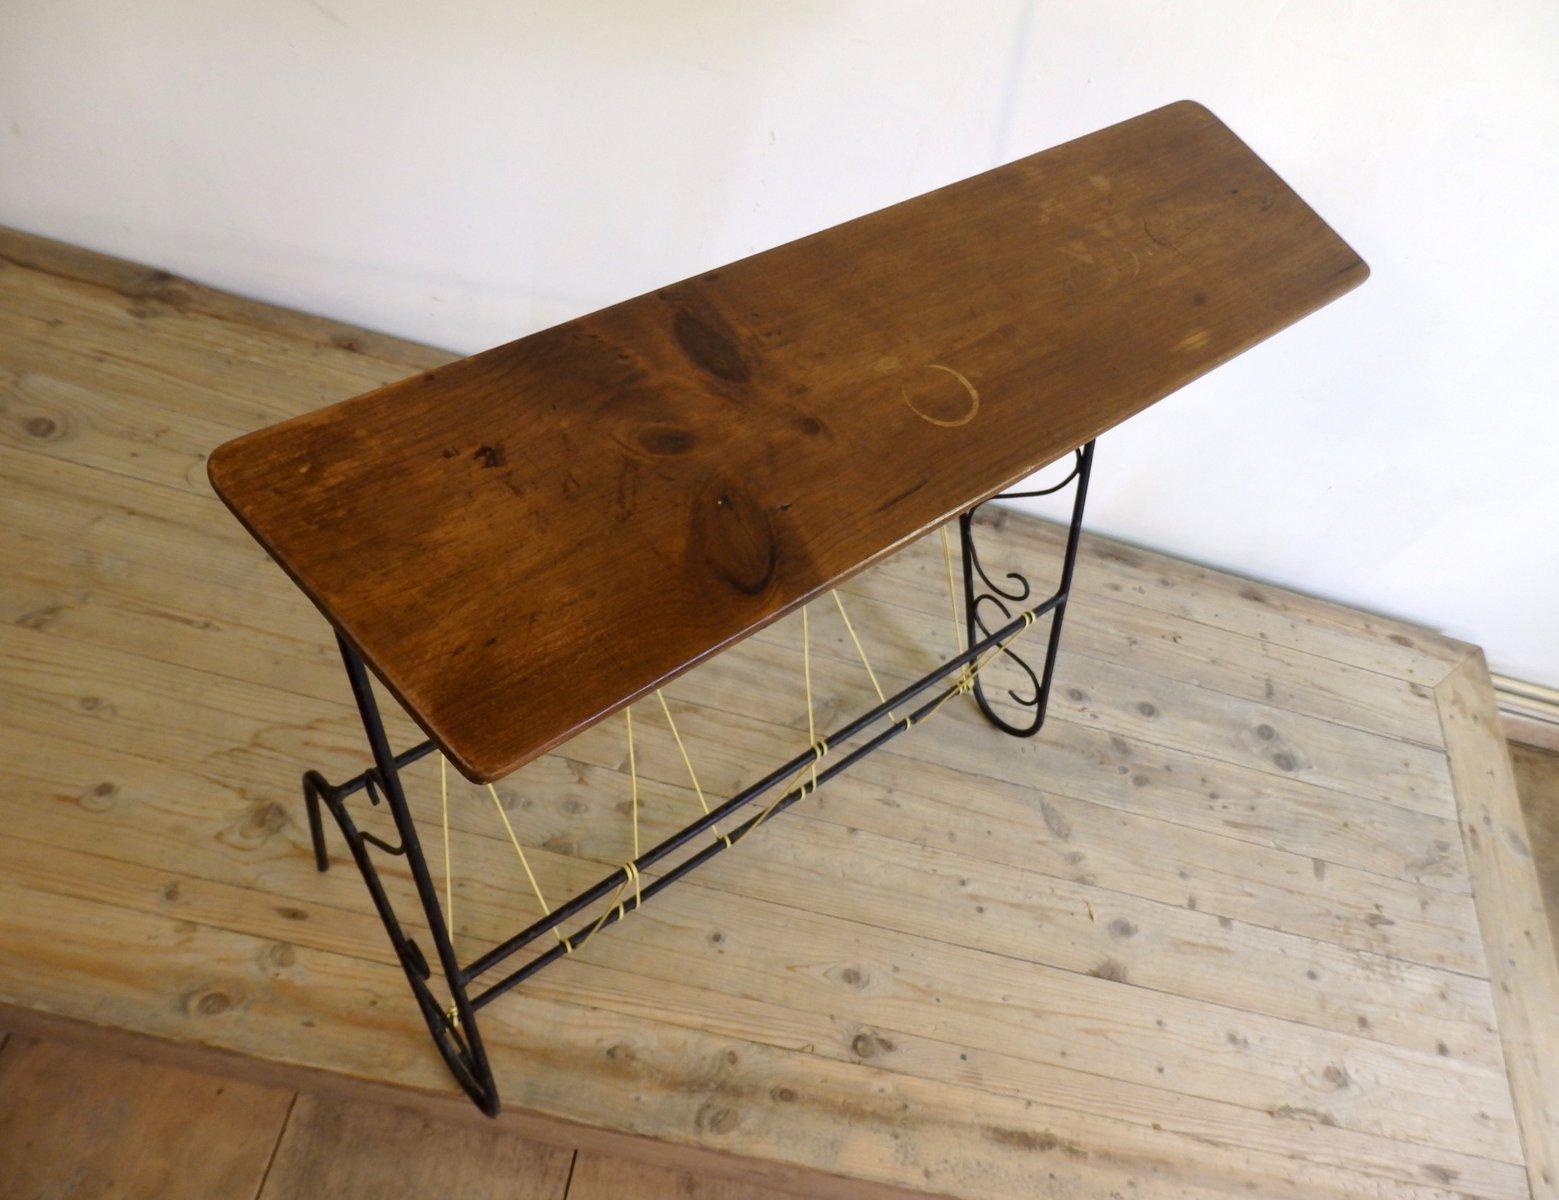 zeitschriftenst nder mit scoubidou knoten 1950er bei. Black Bedroom Furniture Sets. Home Design Ideas